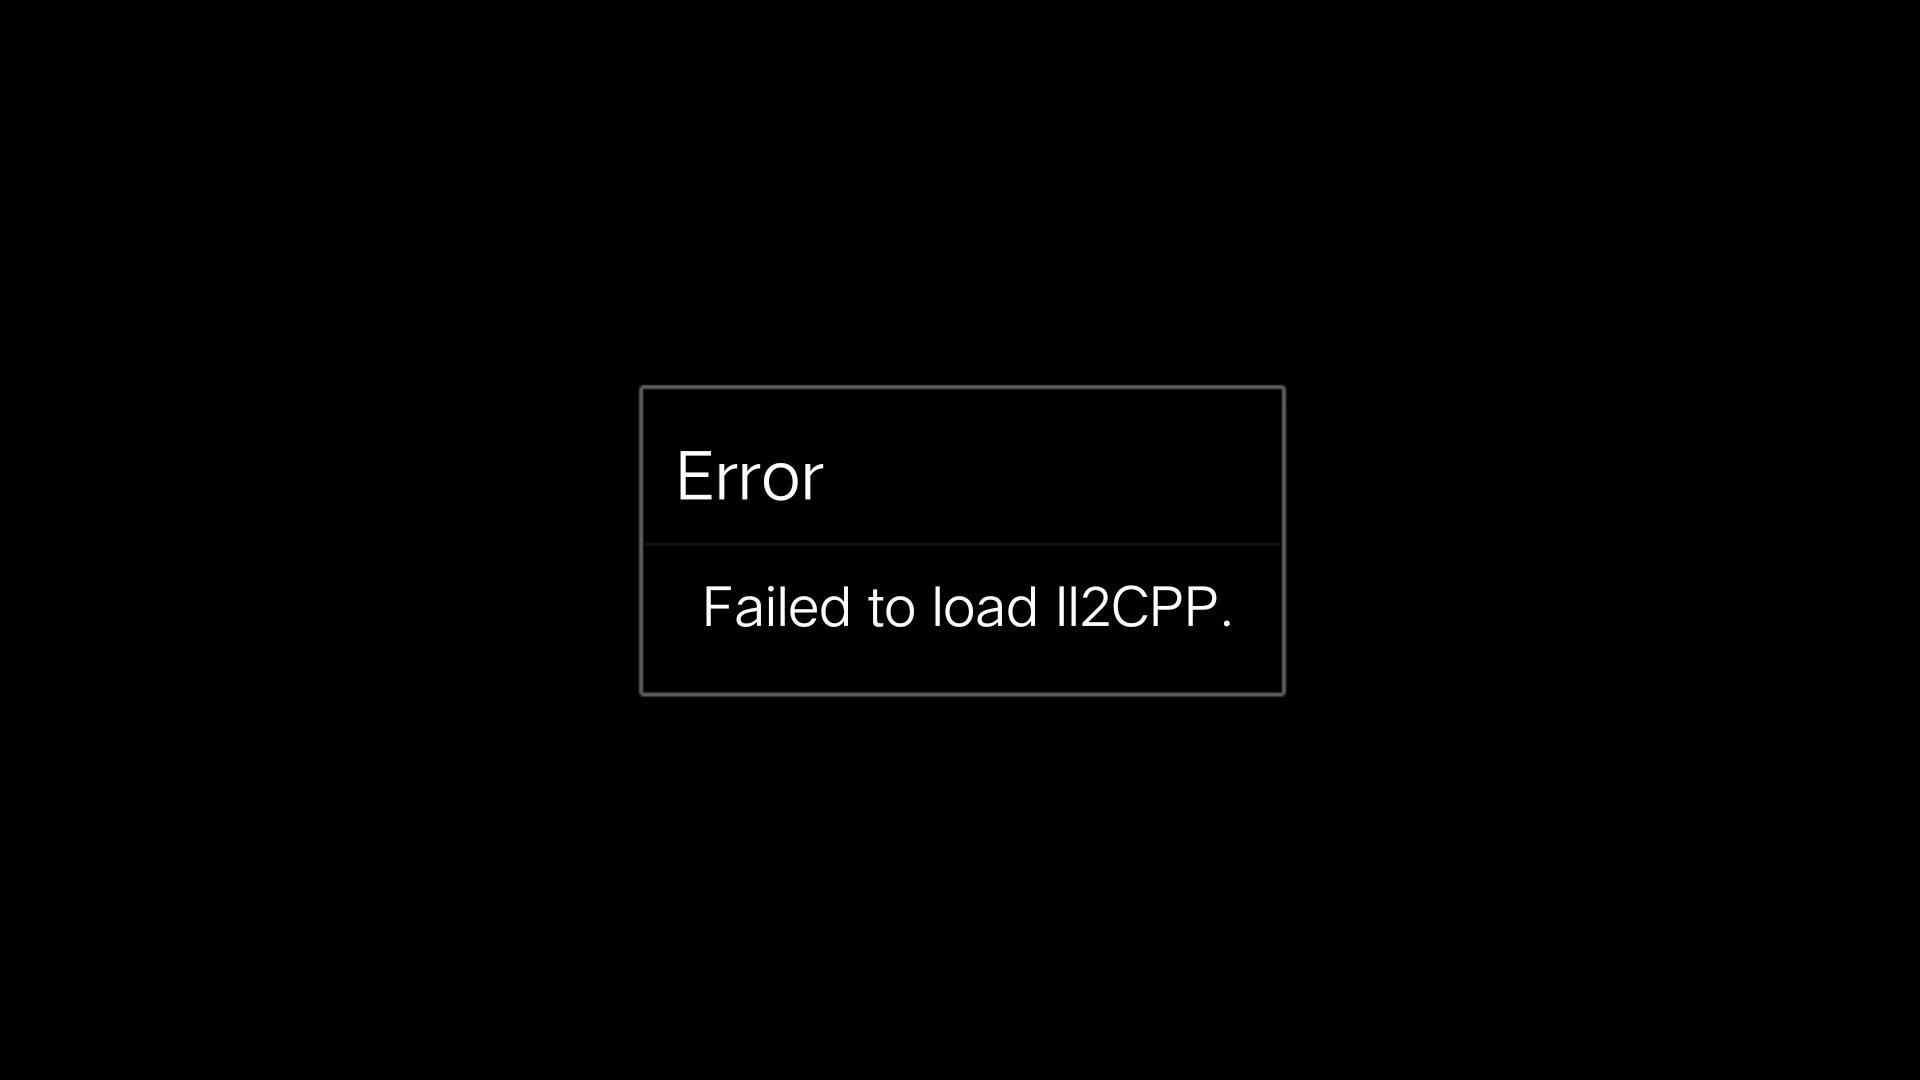 【公告】关于更新游戏出现ERROR的问题说明